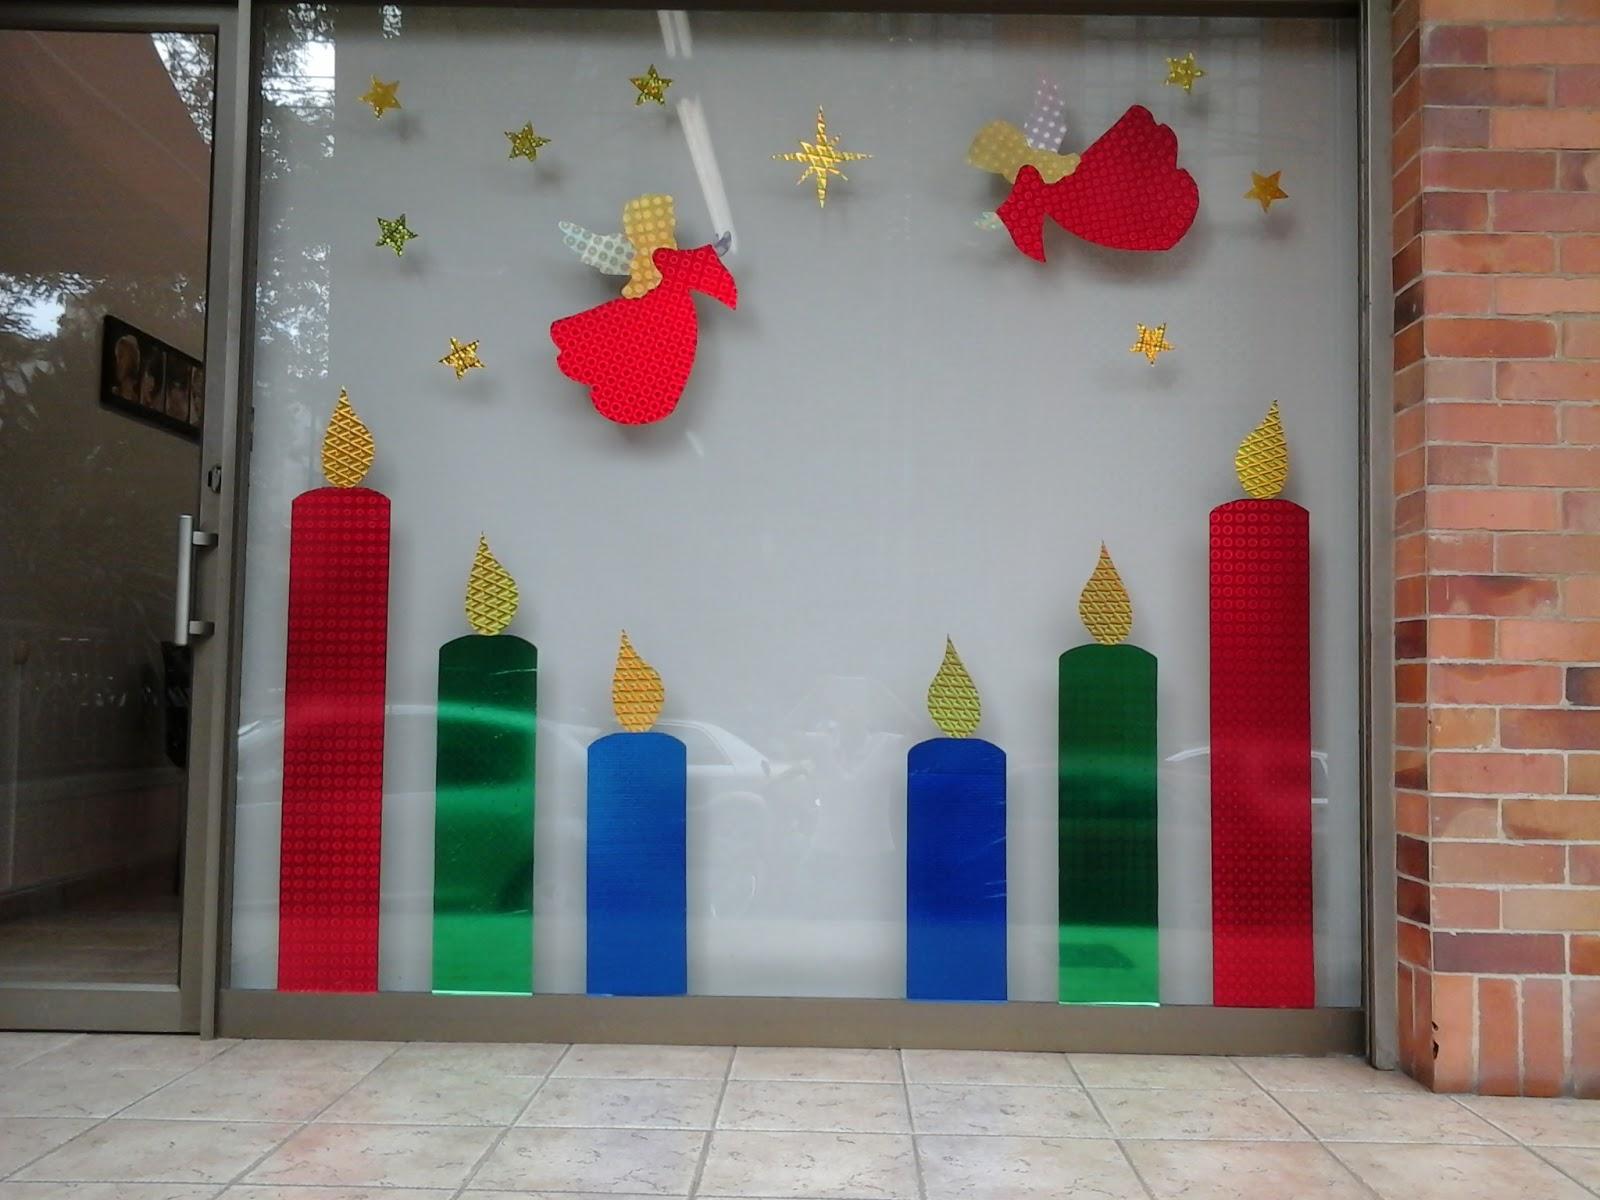 Vitrinas decoraciones navide as - Decoracion de vitrinas ...